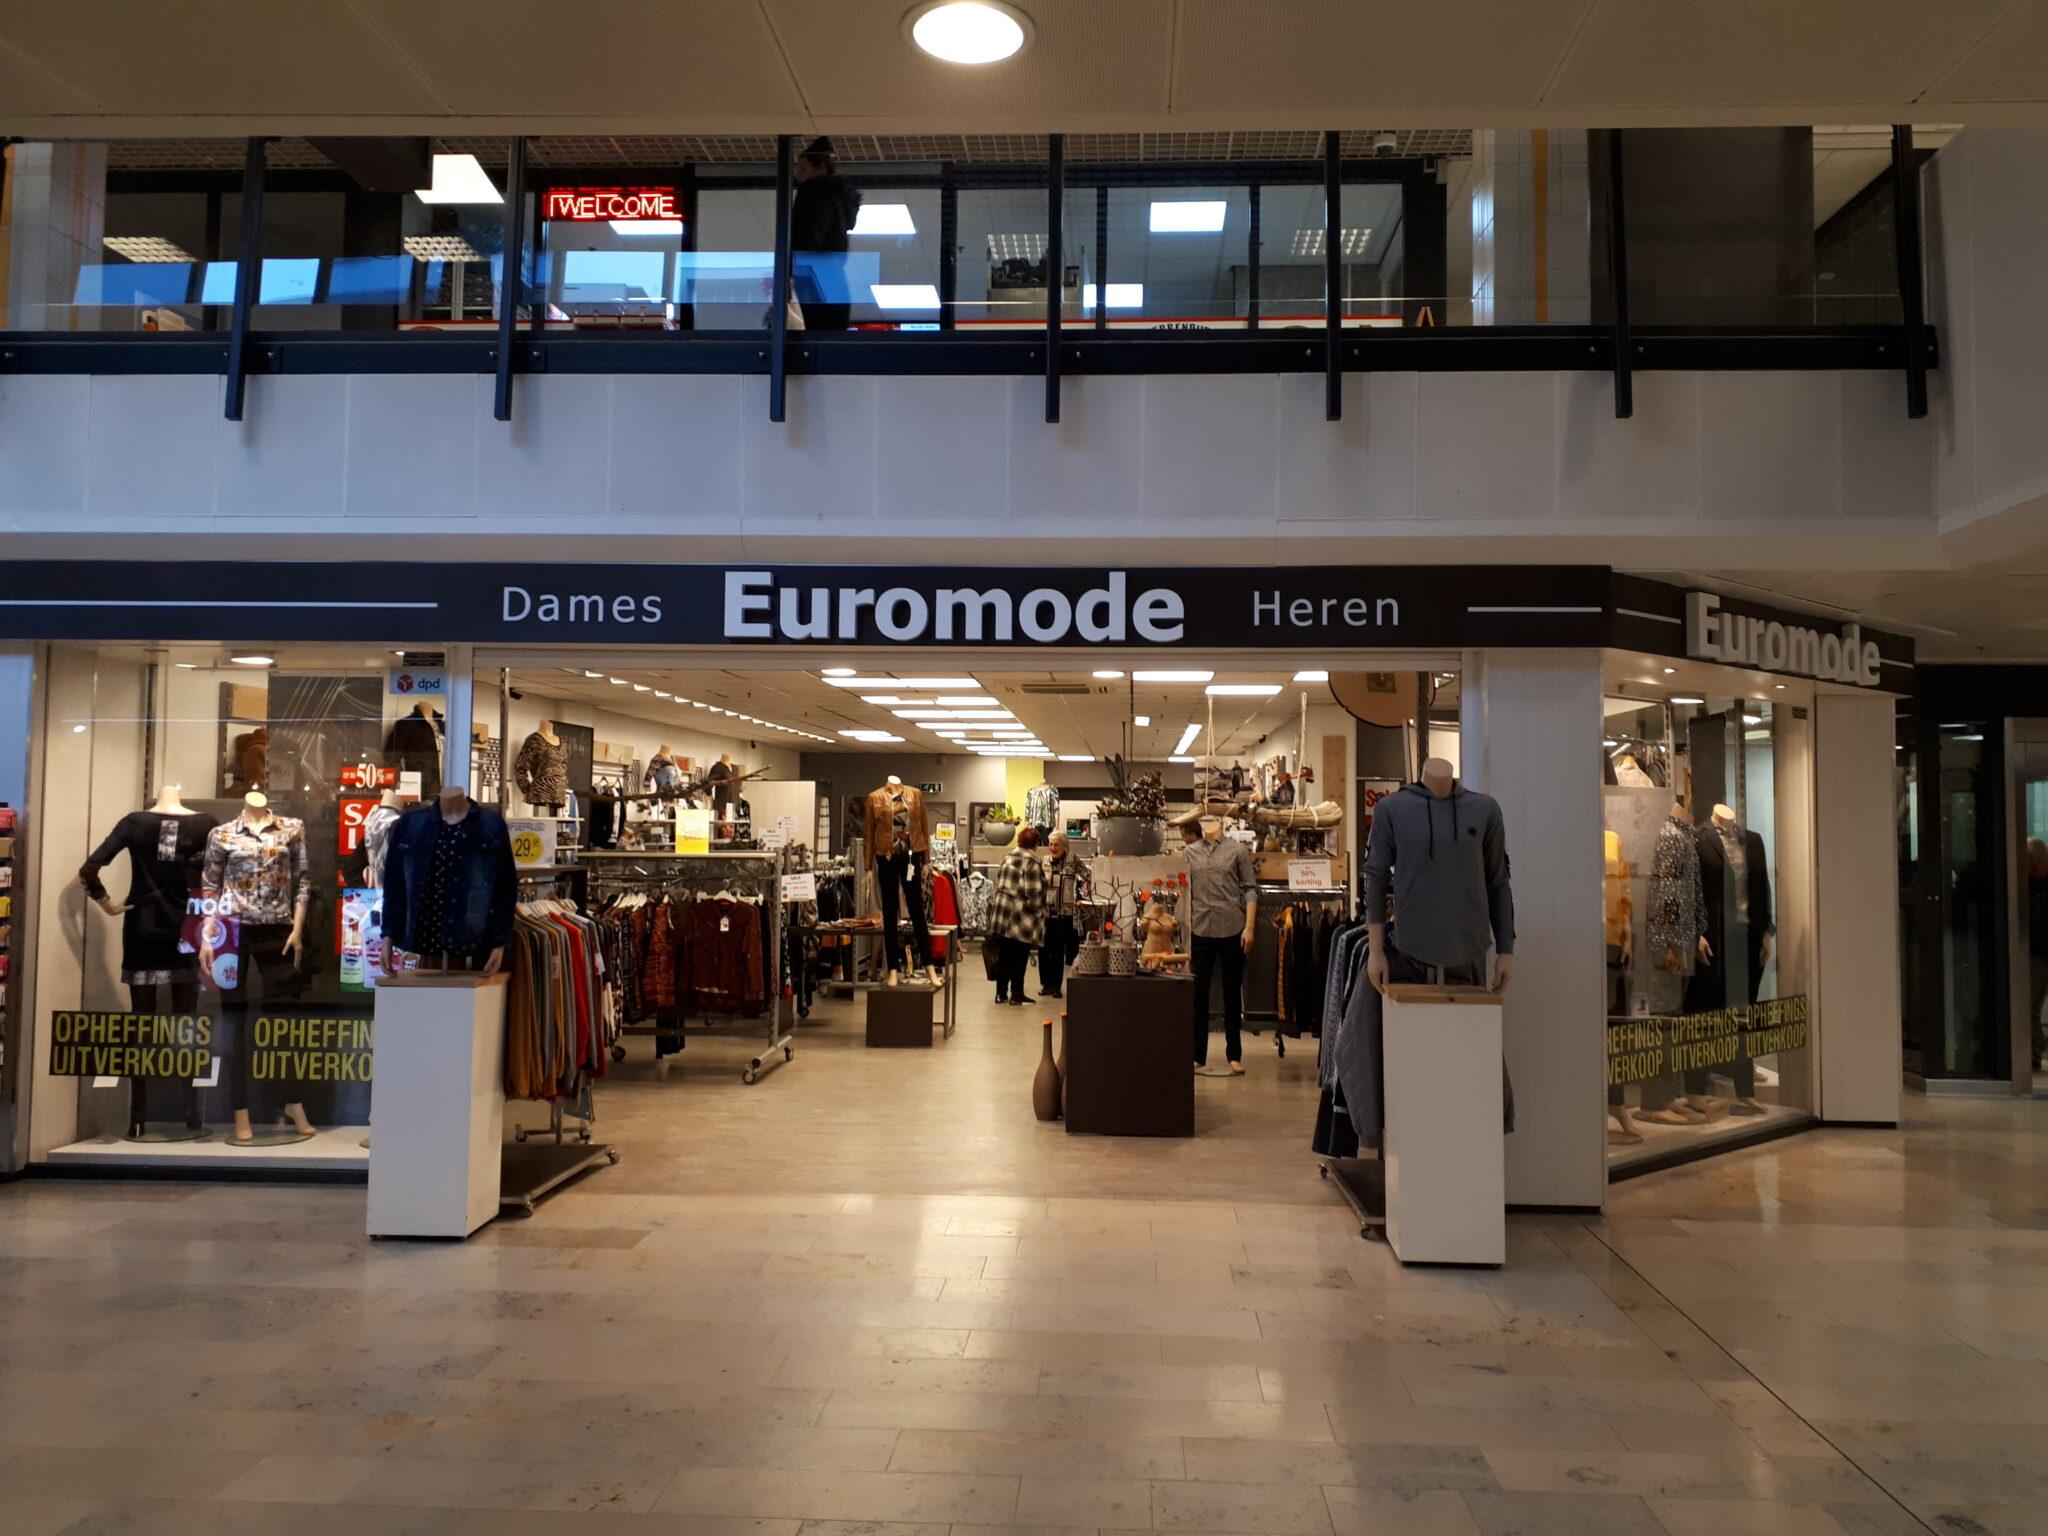 Euromode kledingzaak Sterrenburg